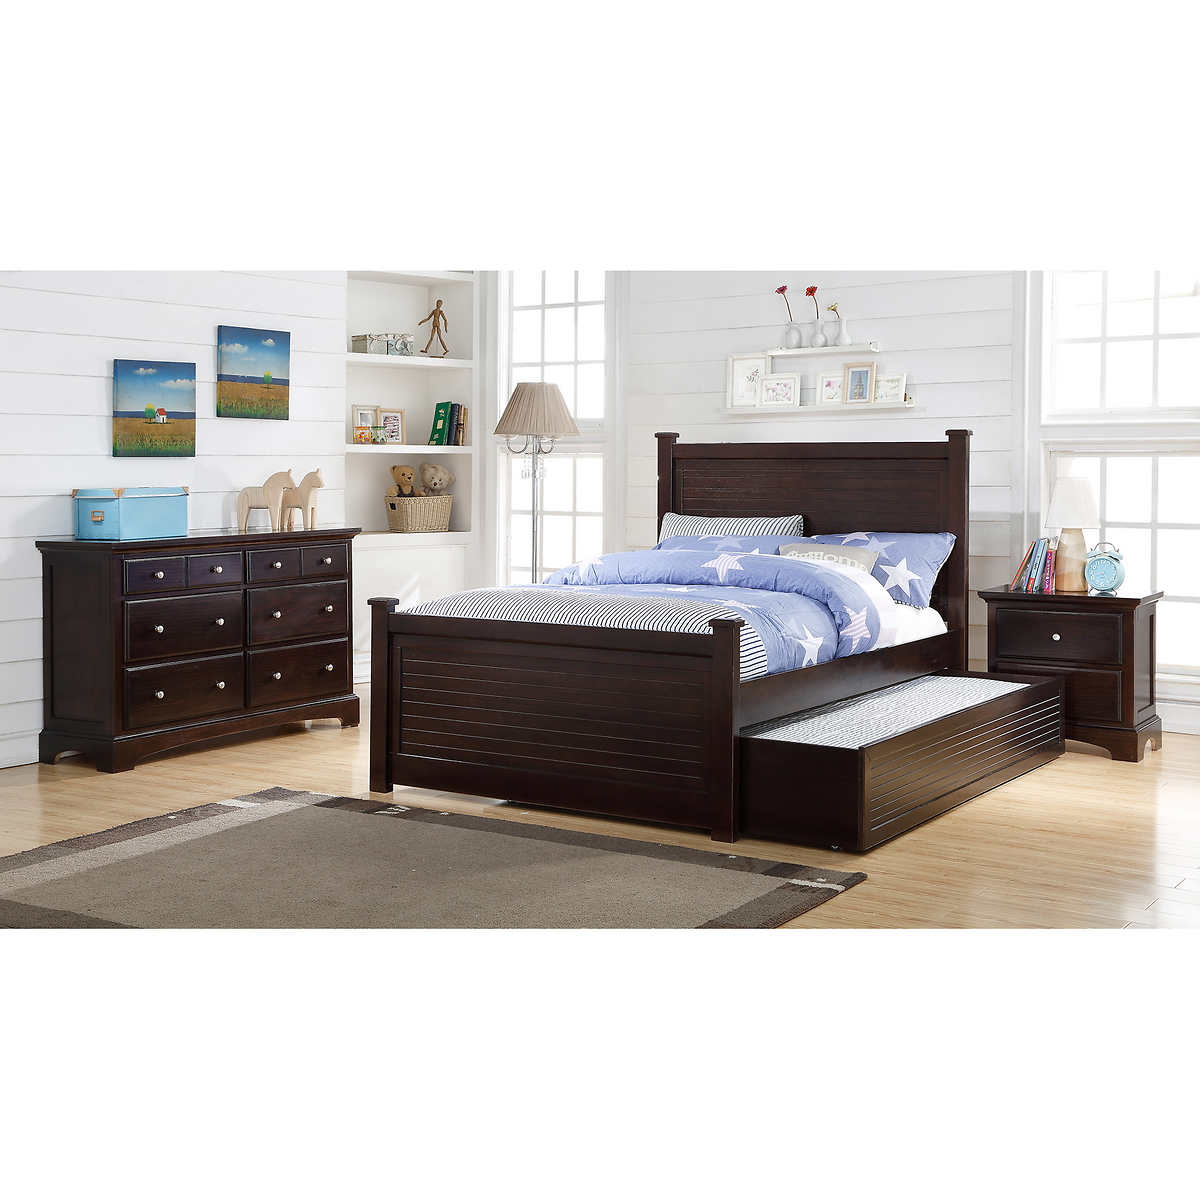 Hunter 3 Piece Full Bedroom Set